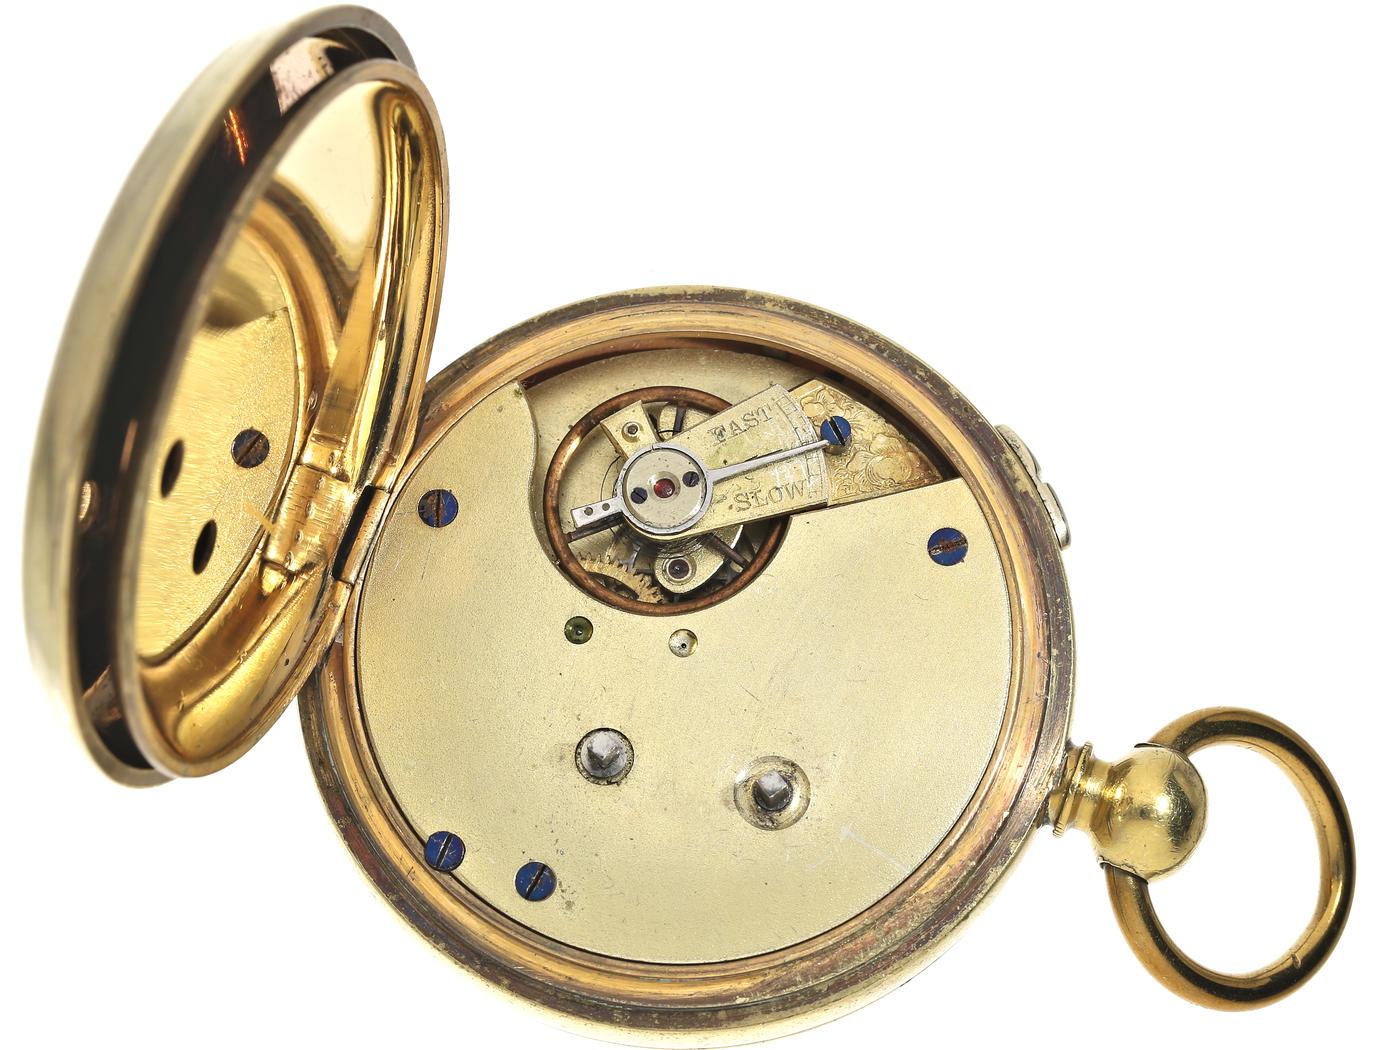 Taschenuhr: früher, großer Chronograph für den englischen Markt, Schlüsselaufzug, ca. 1890 Ca. - Bild 2 aus 3